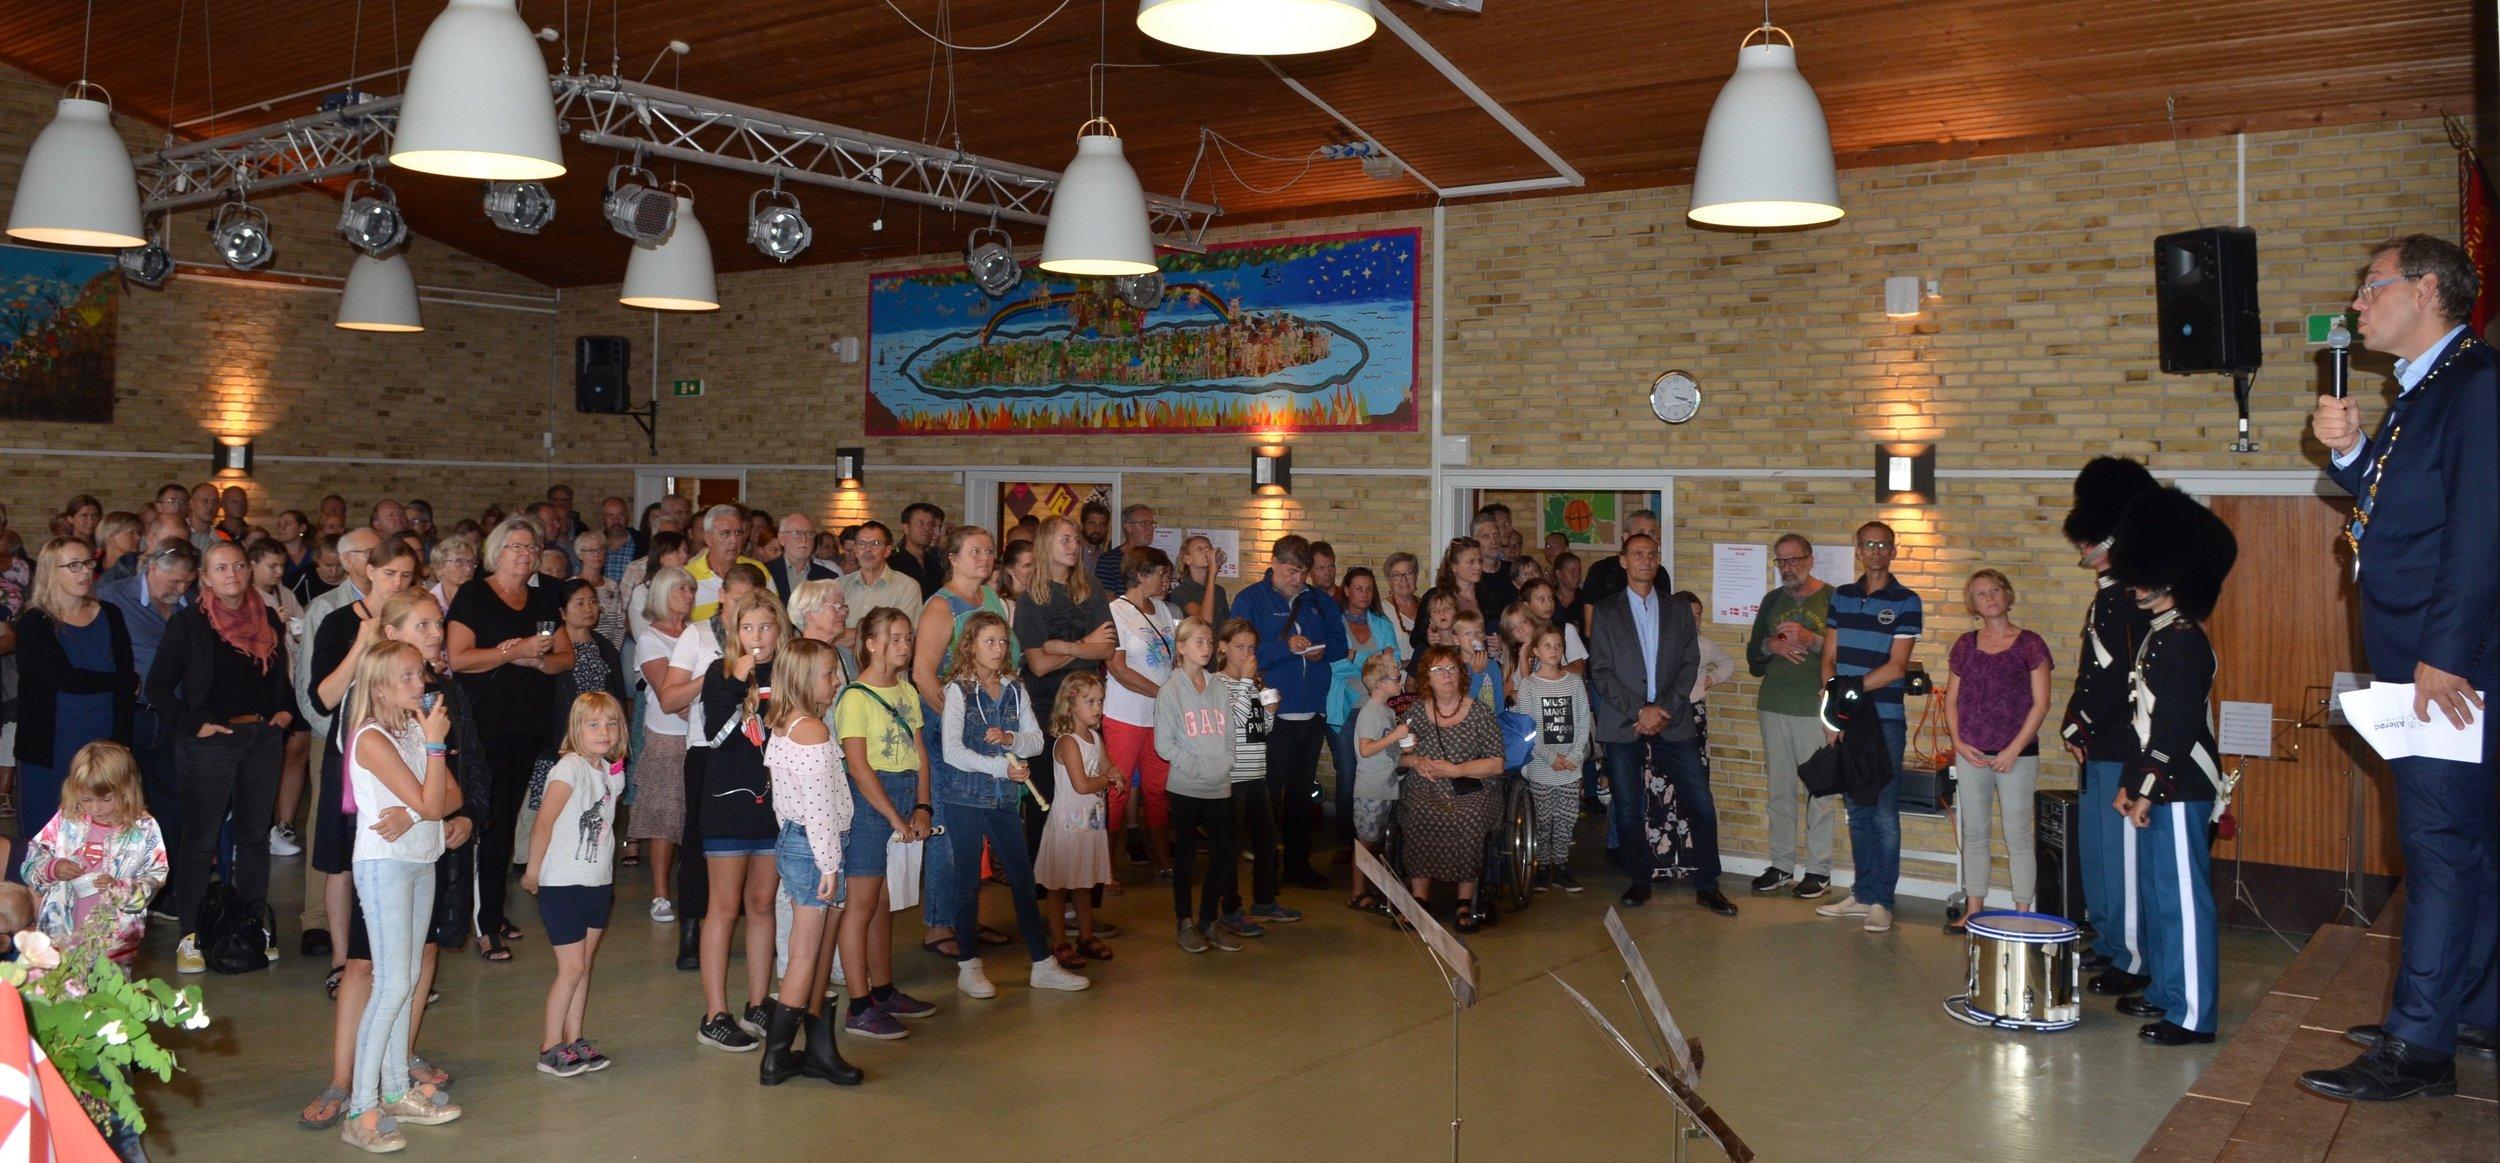 Blandt andet holdt borgmester Karsten Längerich tale. Han kunne fortælle, at den nye skole, som blev åbnet for 80 år siden, havde kostet 172.000 kroner. Foto:AOB